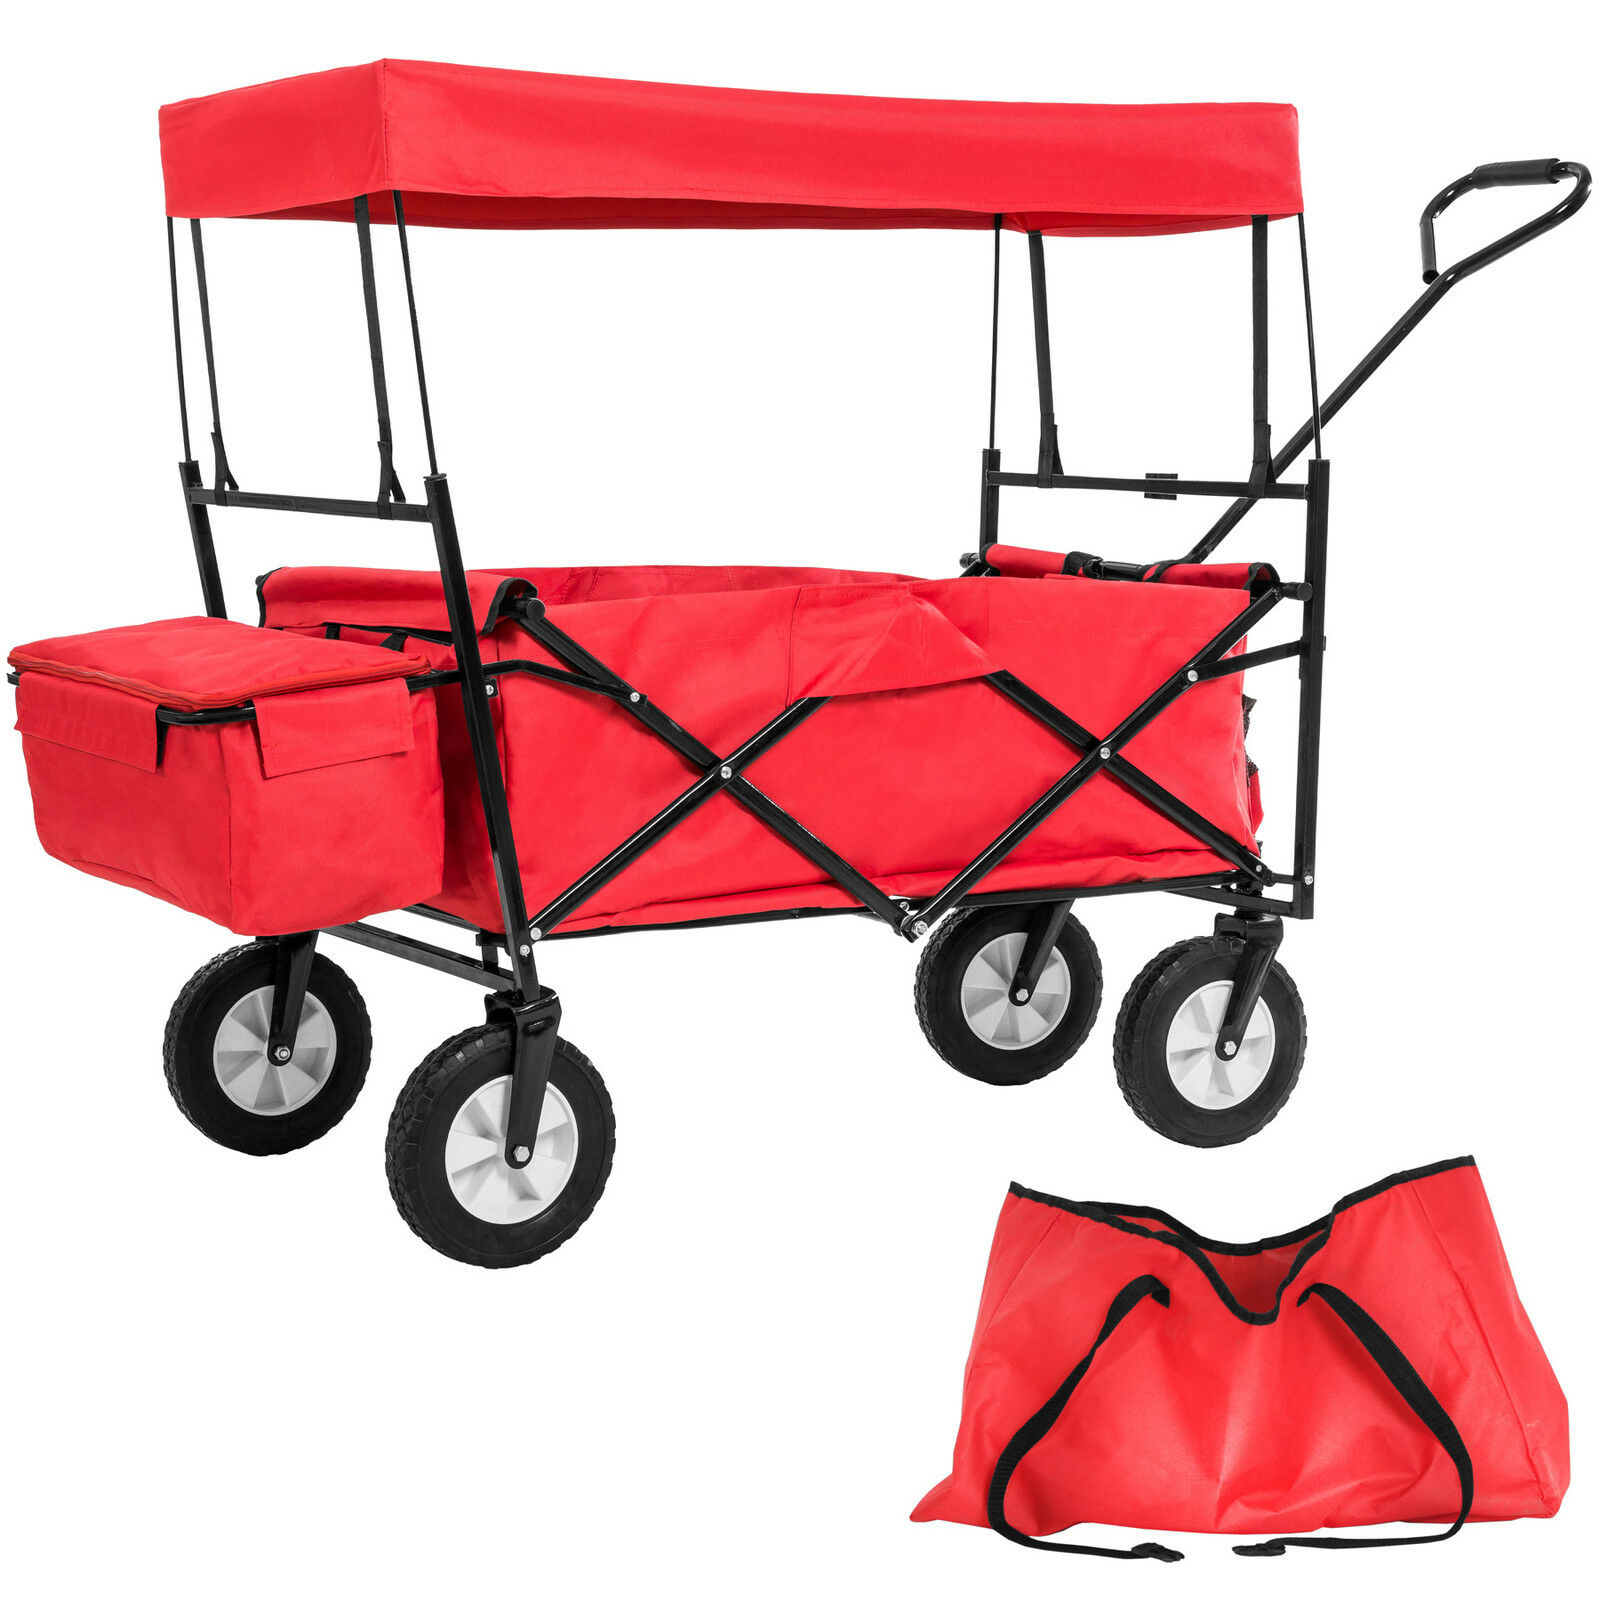 Chariot pliable avec toit en bâche charrette de transport à tirer de jardin roug